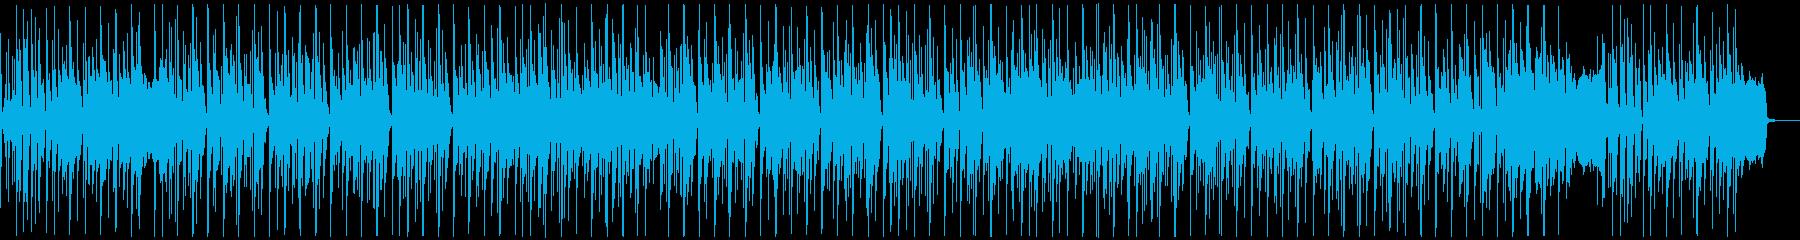 ノリノリ楽しい滝廉太郎のお正月_カラオケの再生済みの波形